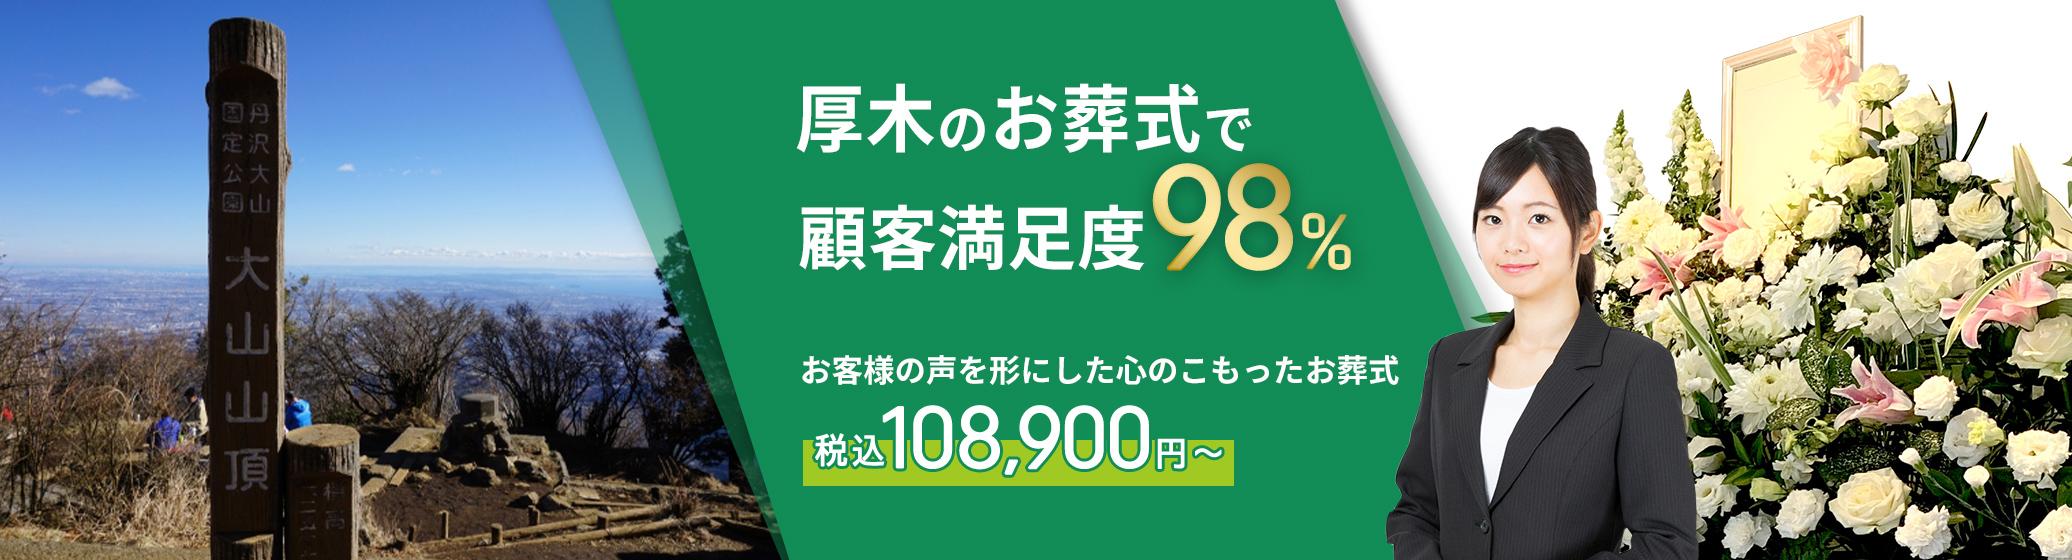 厚木市で葬儀をお考えの方へ安心価格で納得のお葬式が定額プラン・葬儀に必要なものすべて含んで140,000円(税込)